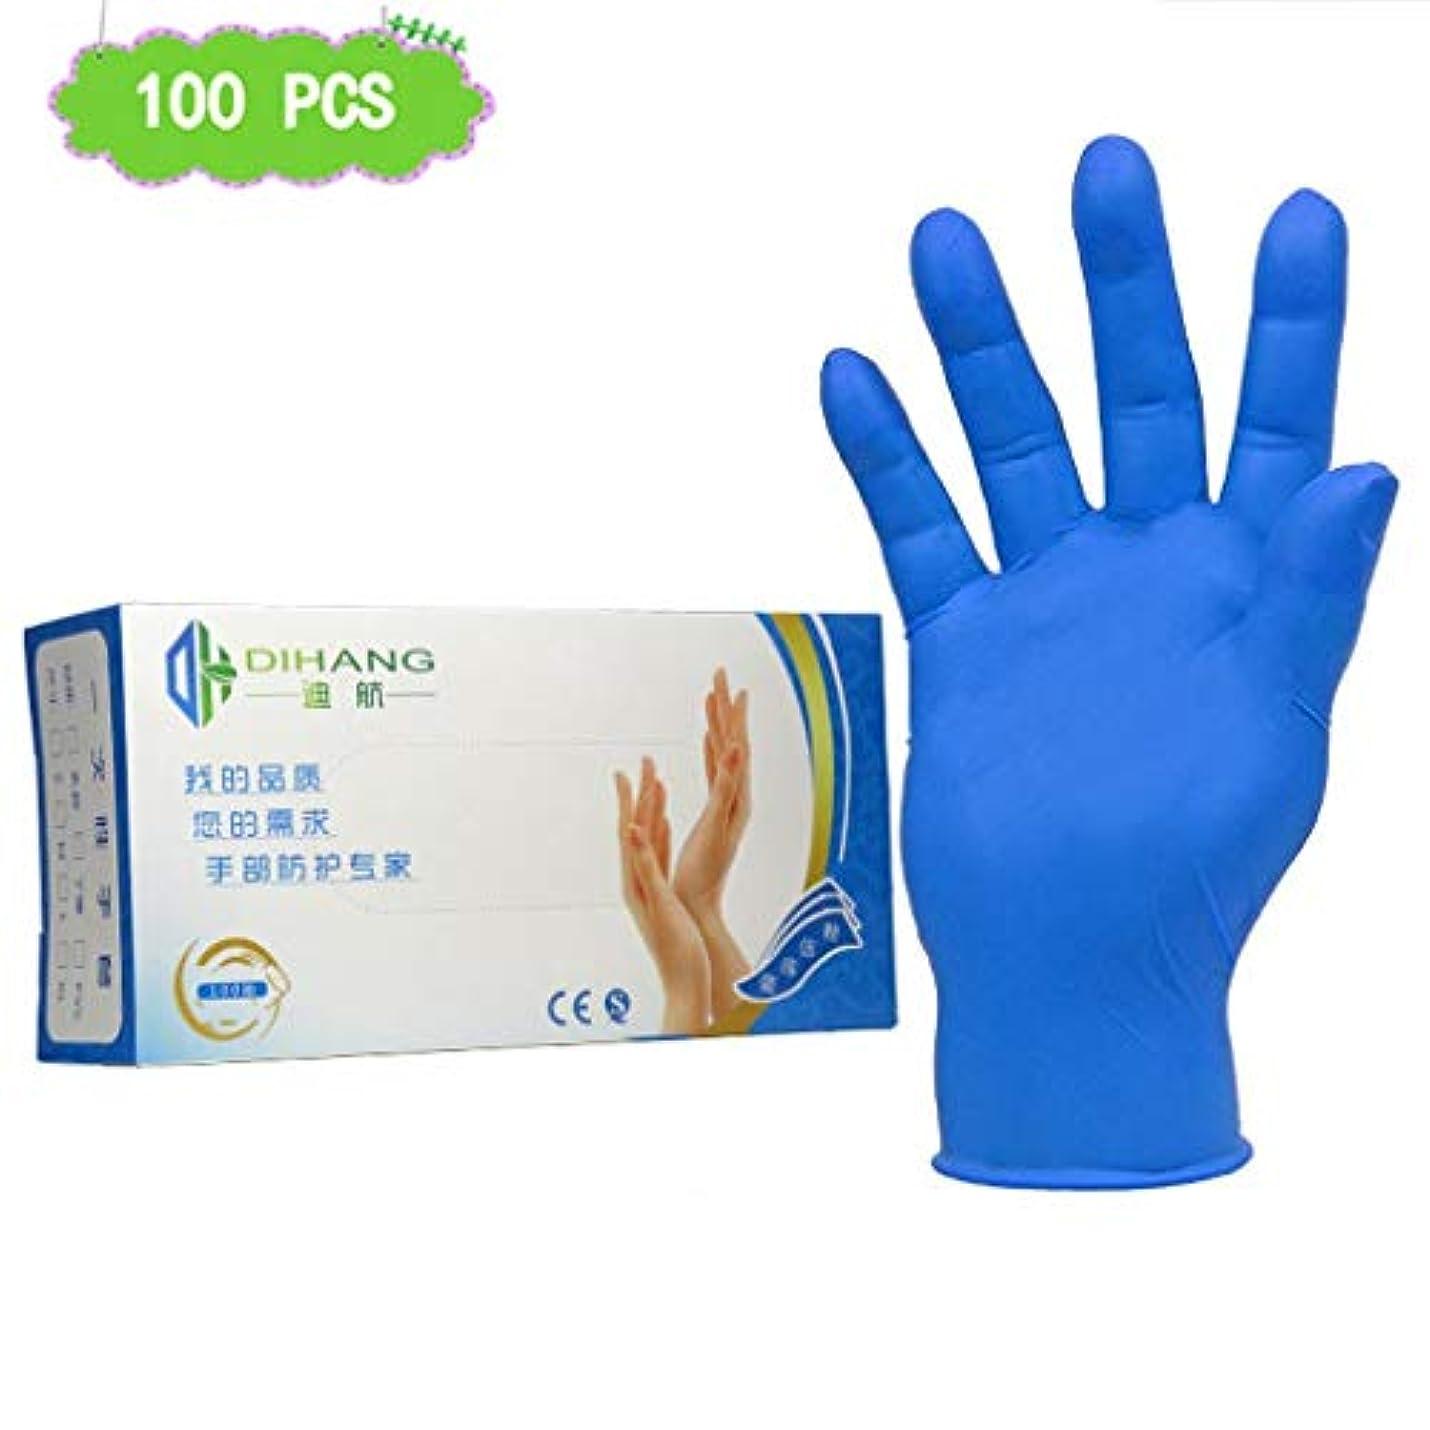 針老朽化した同情ニトリル手袋、9インチ箱入りパウダーフリー工業用検査手袋ダークブルー一般麻肥厚ペットケアネイルアート検査保護実験、ビューティーサロンラテックスフリー、、 100個 (Size : L)